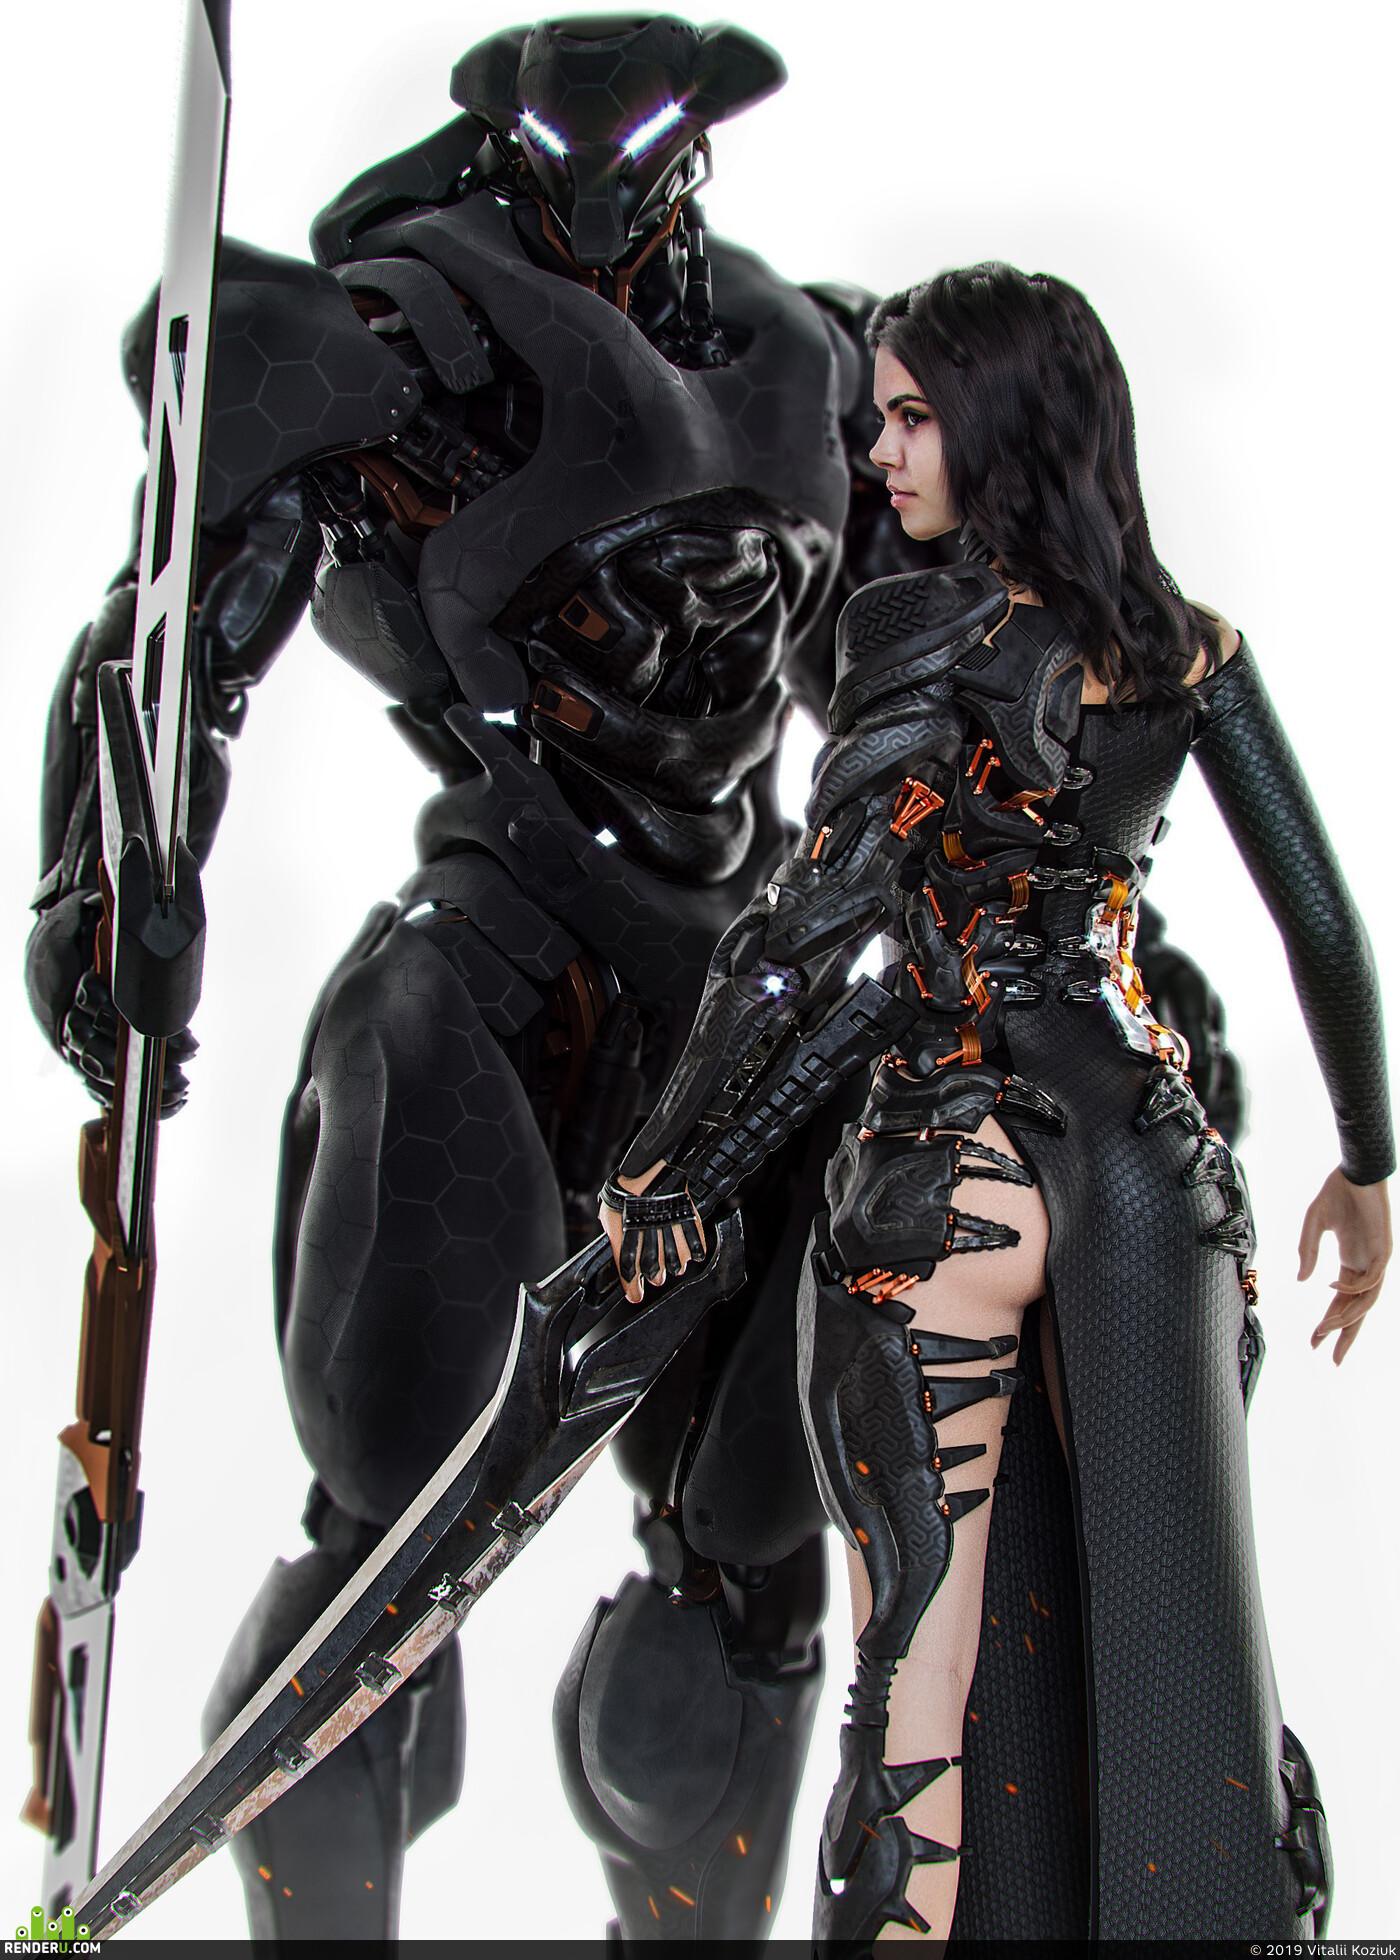 робот, девушка, одежда, волосы